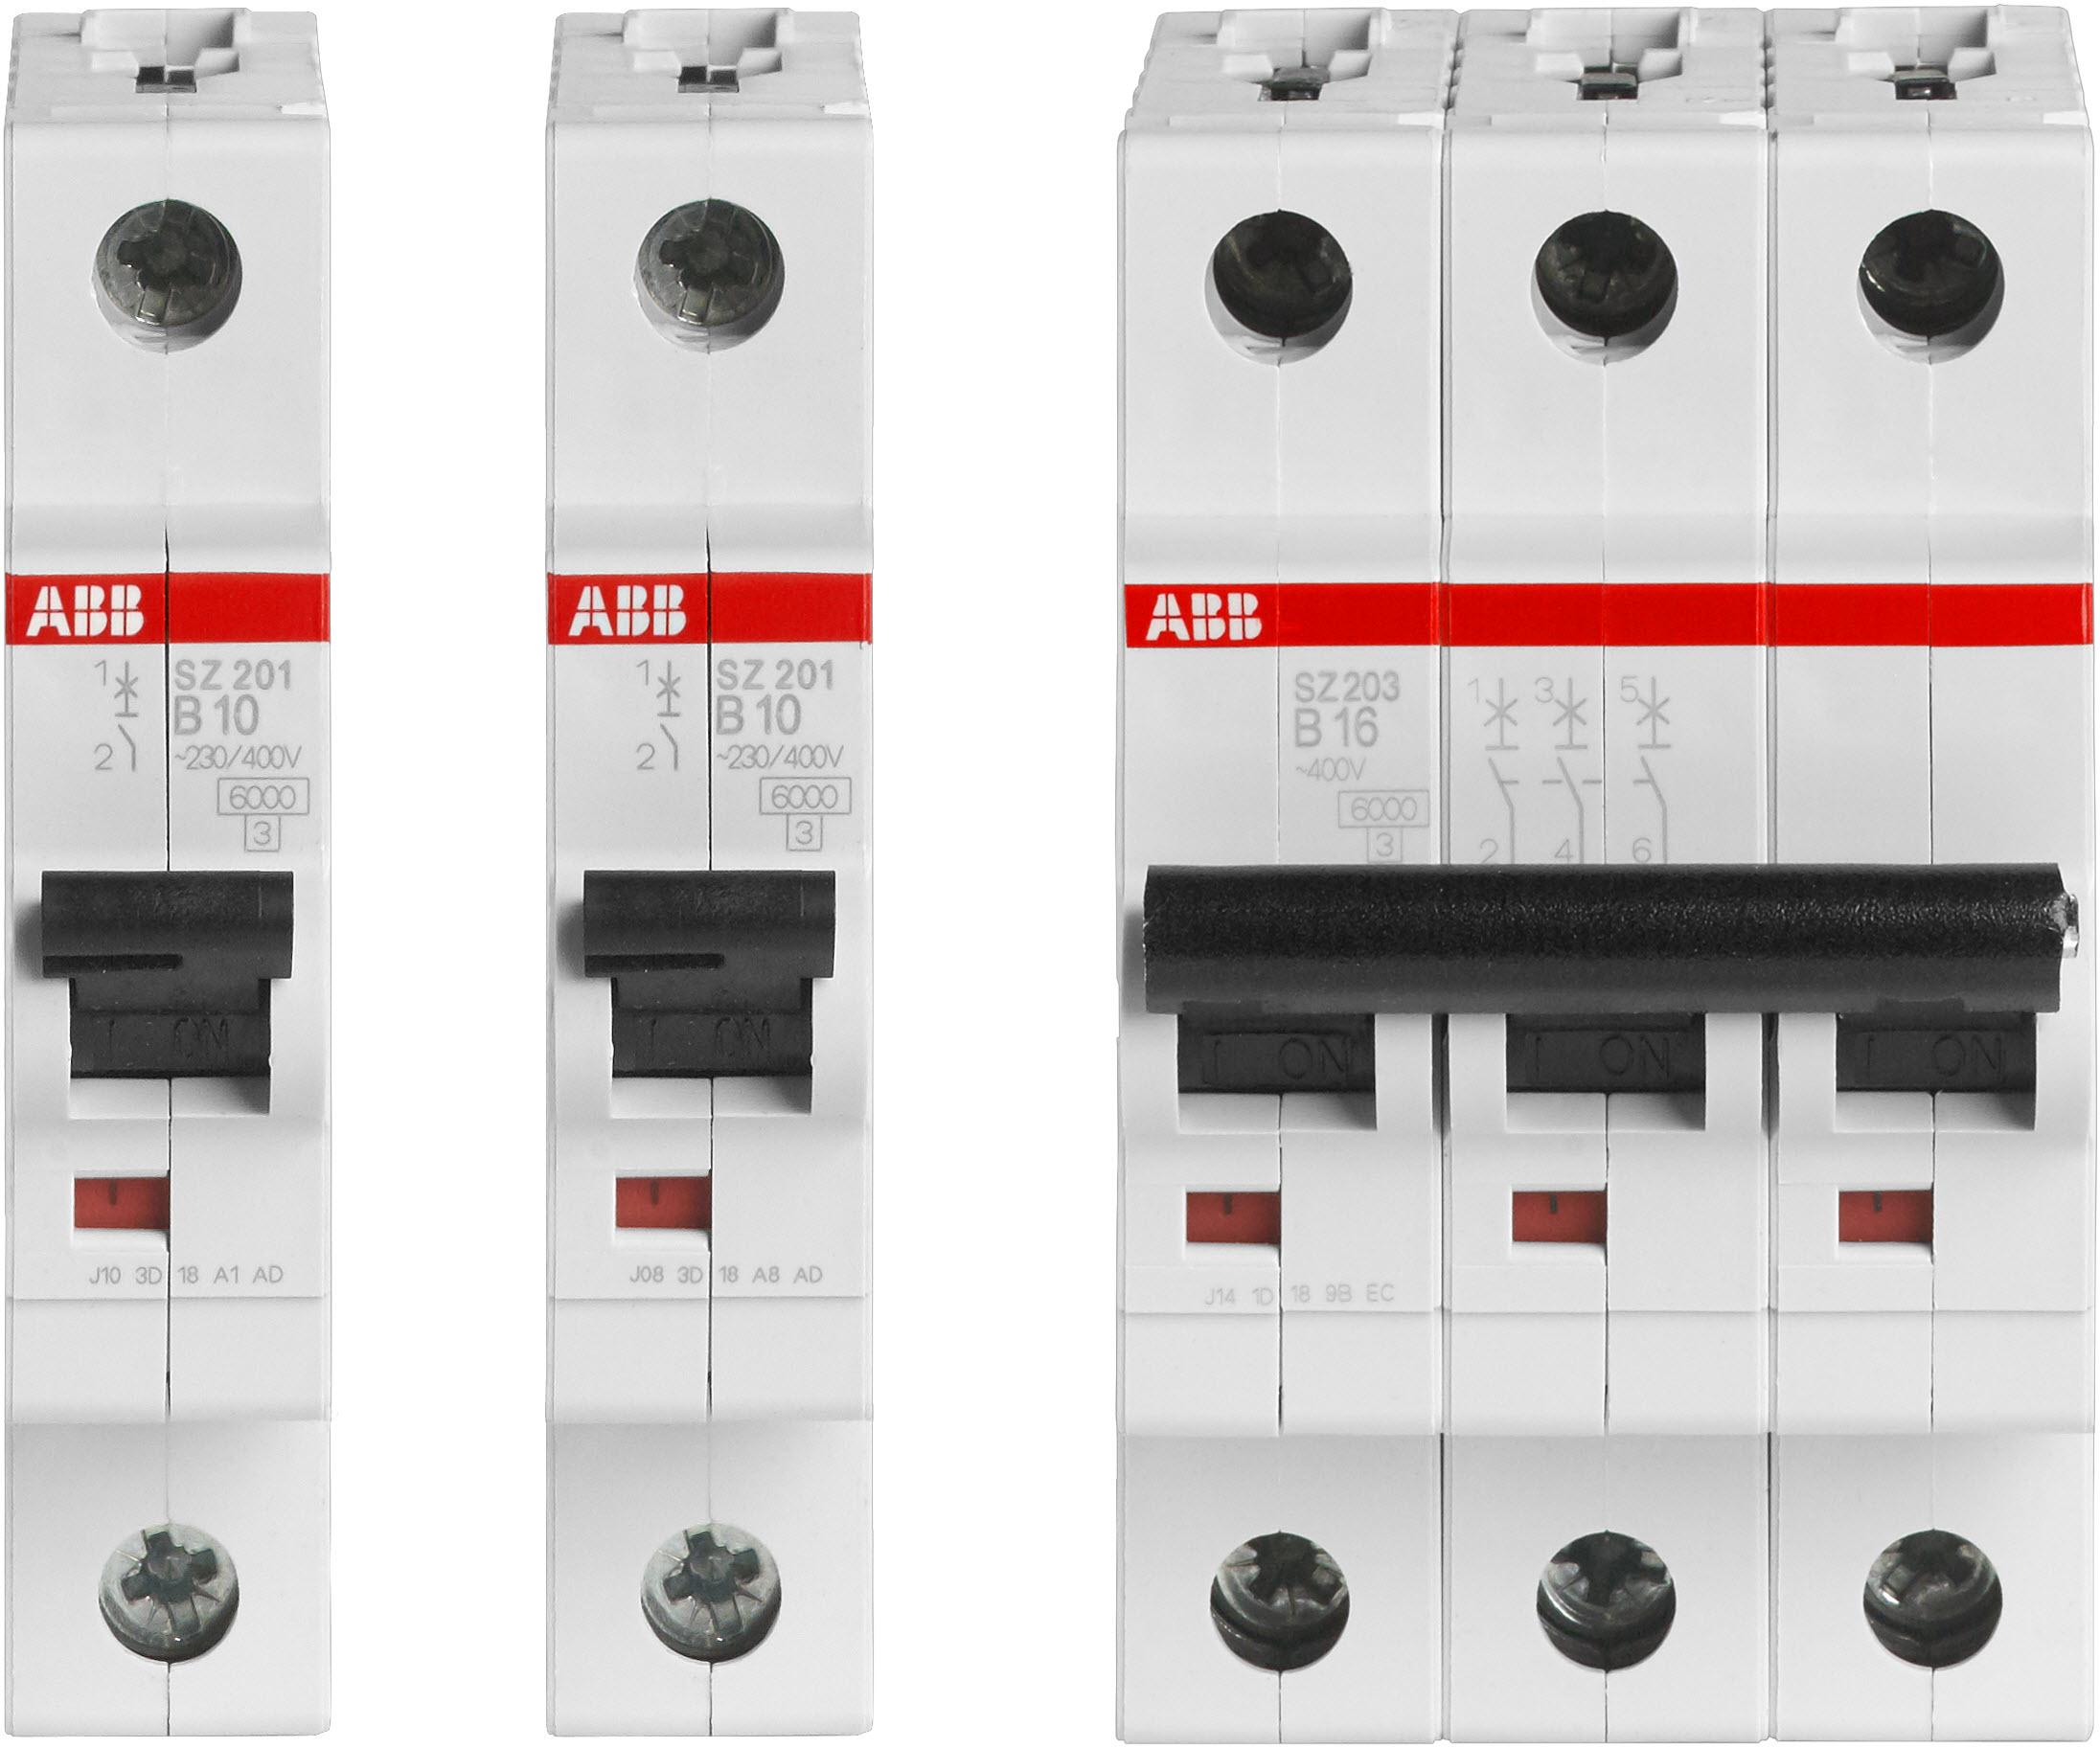 Wyłączniki nadmiarowo-prądowe ABB SZ200: Instalacja pod specjalną ochroną